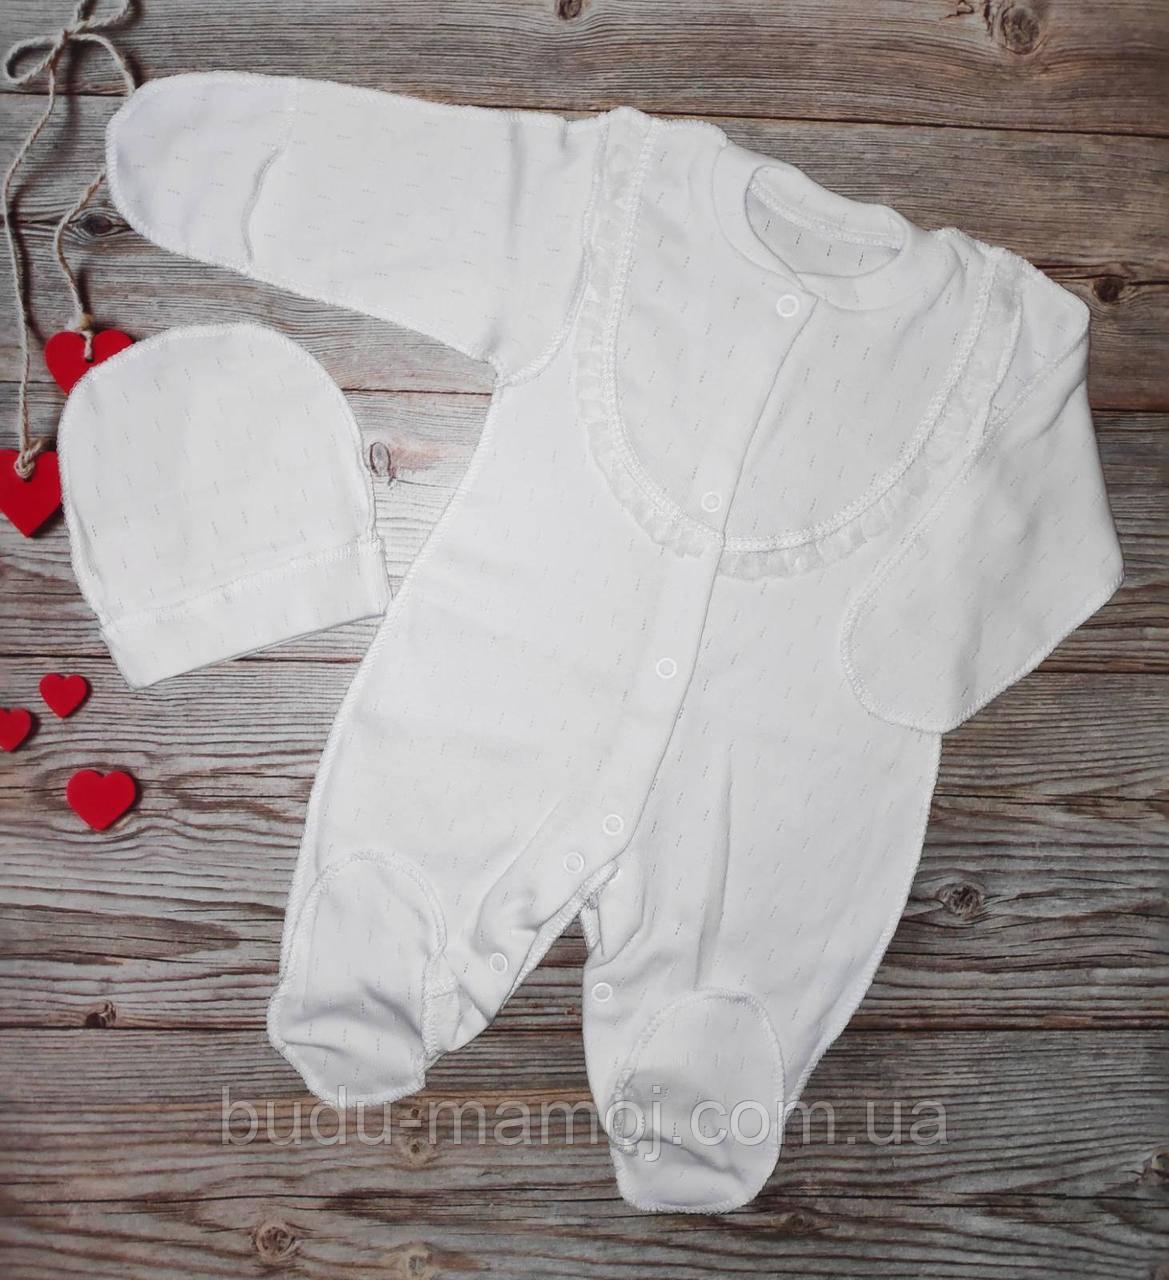 Набор человечек и шапочка для новорожденного в роддом на выписку